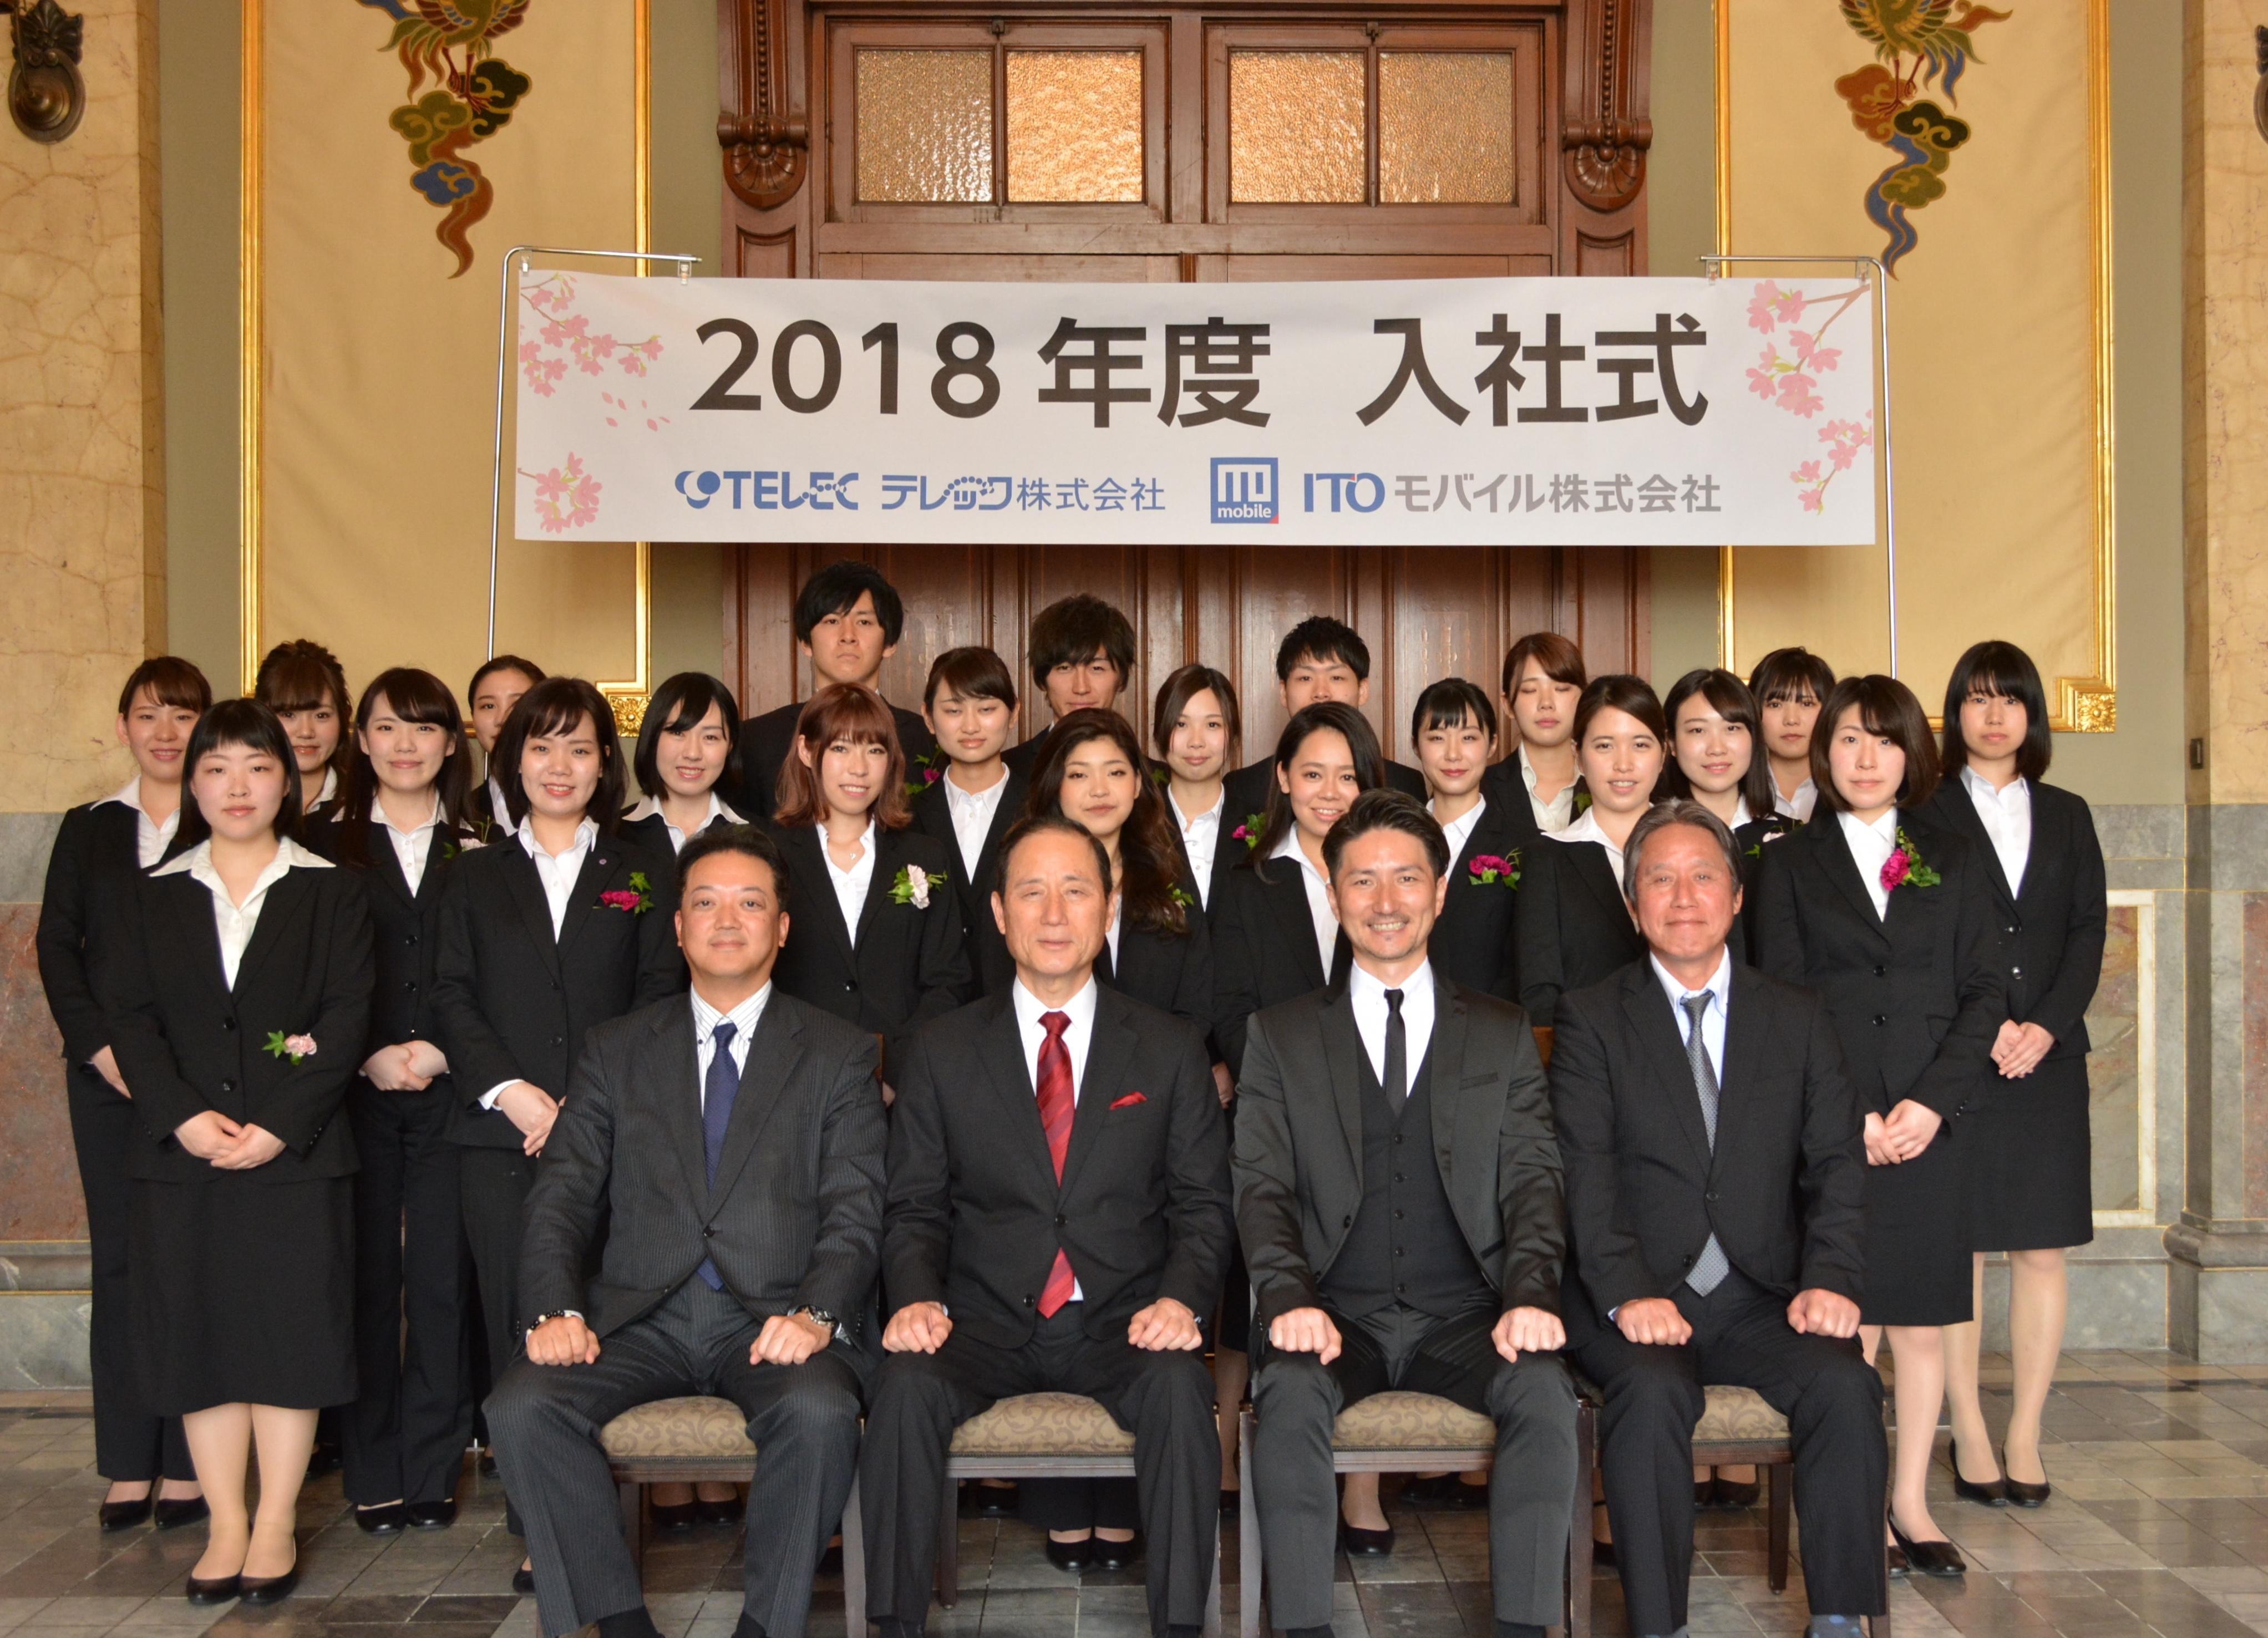 イメージ:2018年入社式